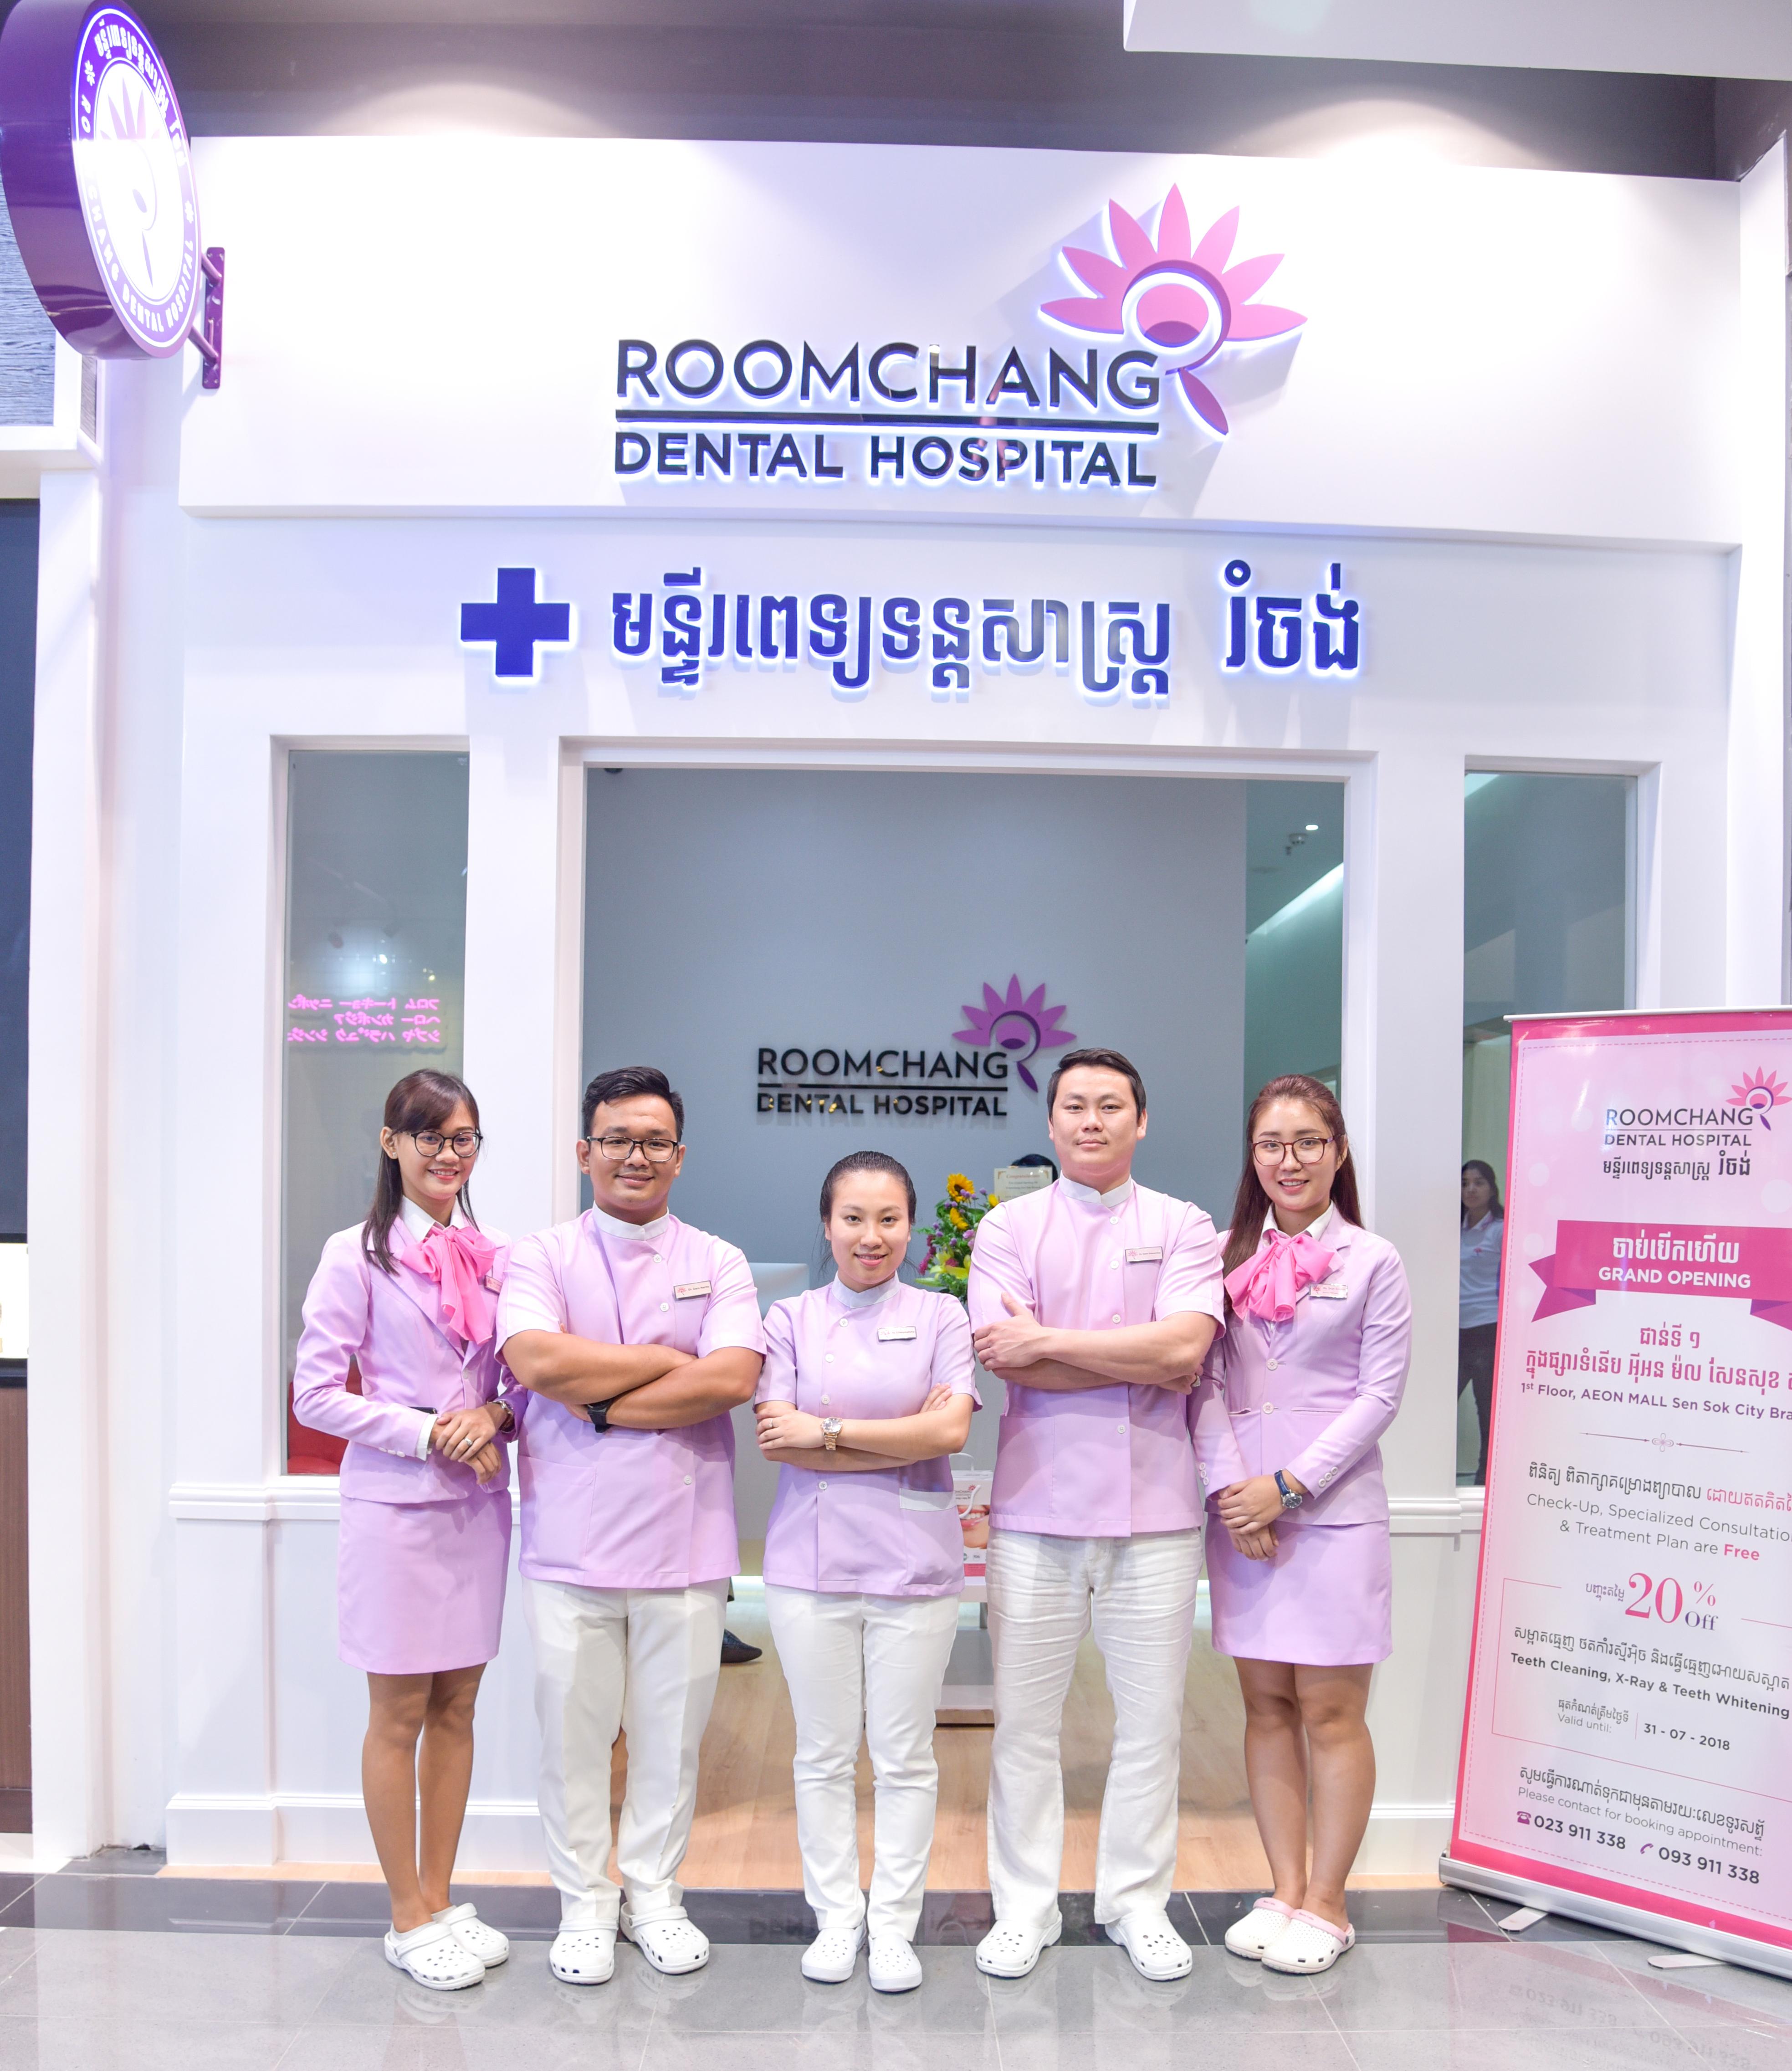 10. Roomchang staff @ aeon mall 2